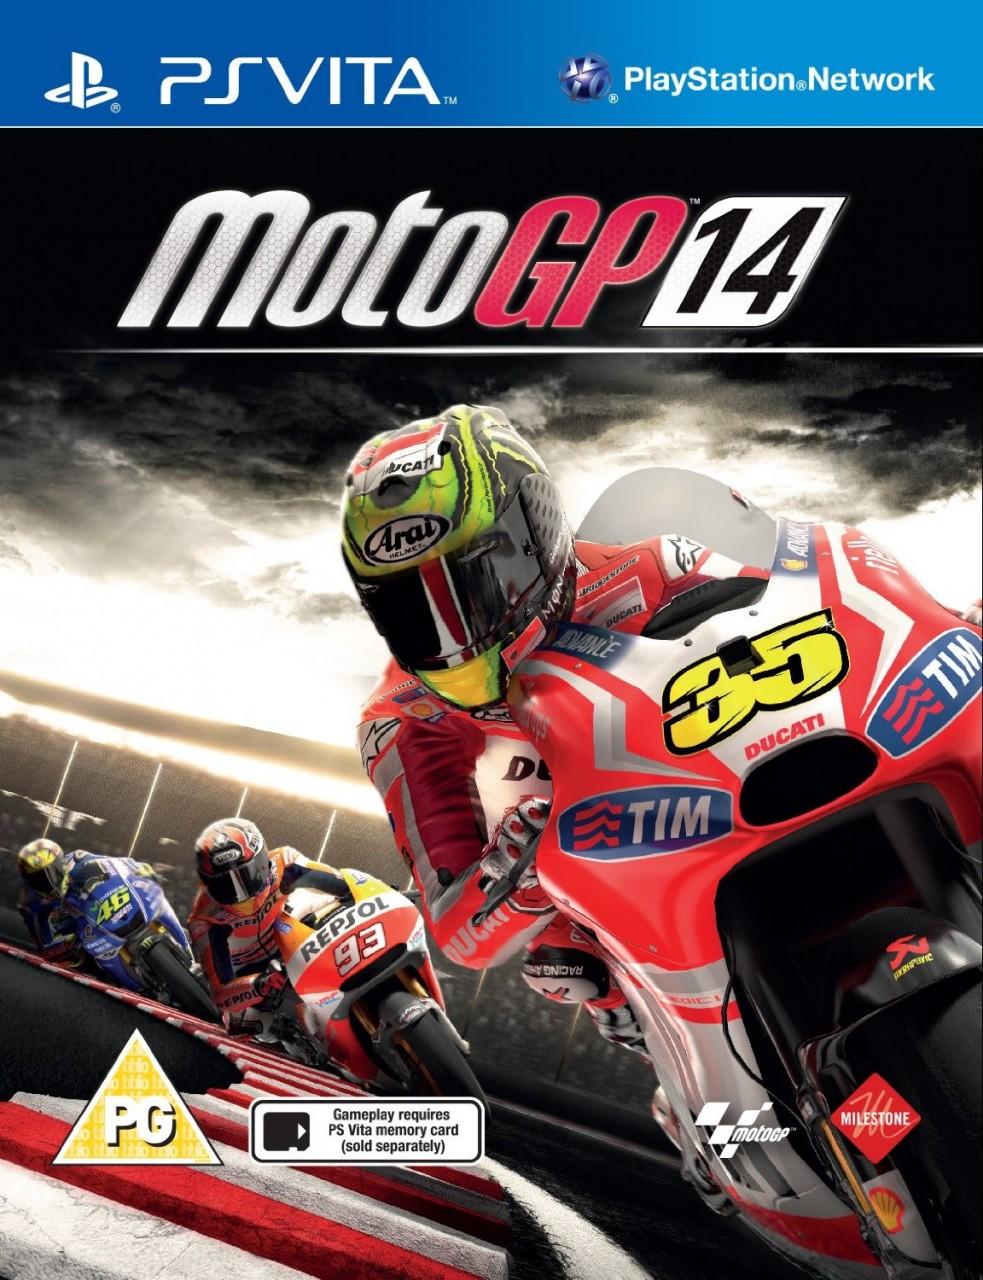 Moto GP 14 (MotoGP 14) PSVita  43.99